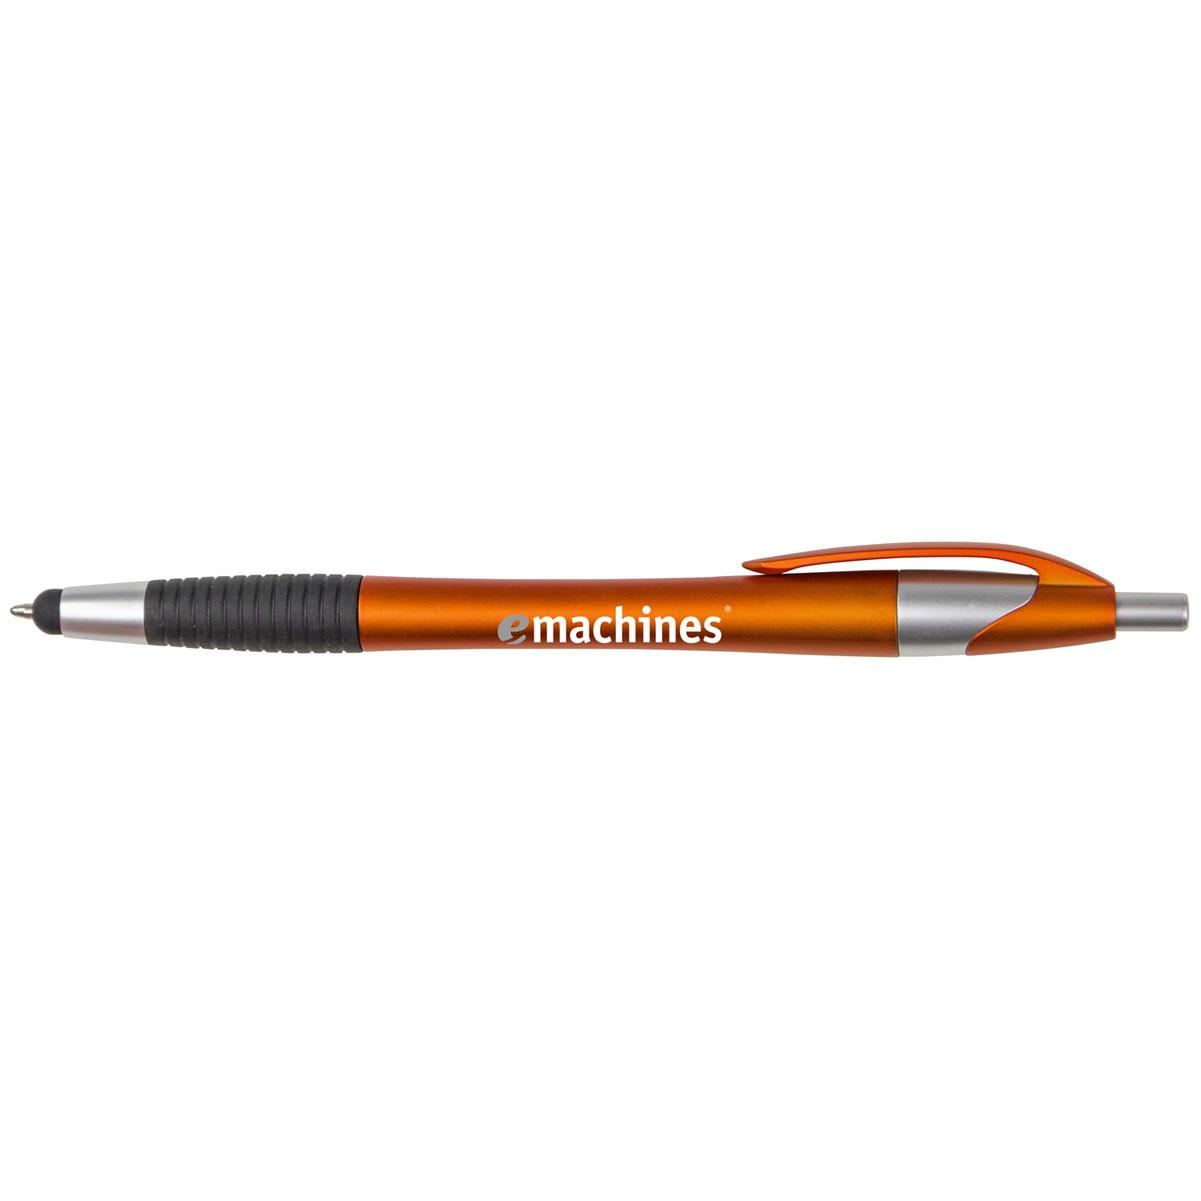 Archer2 Stylus Pen w/ Black Gripper & Blue Ink